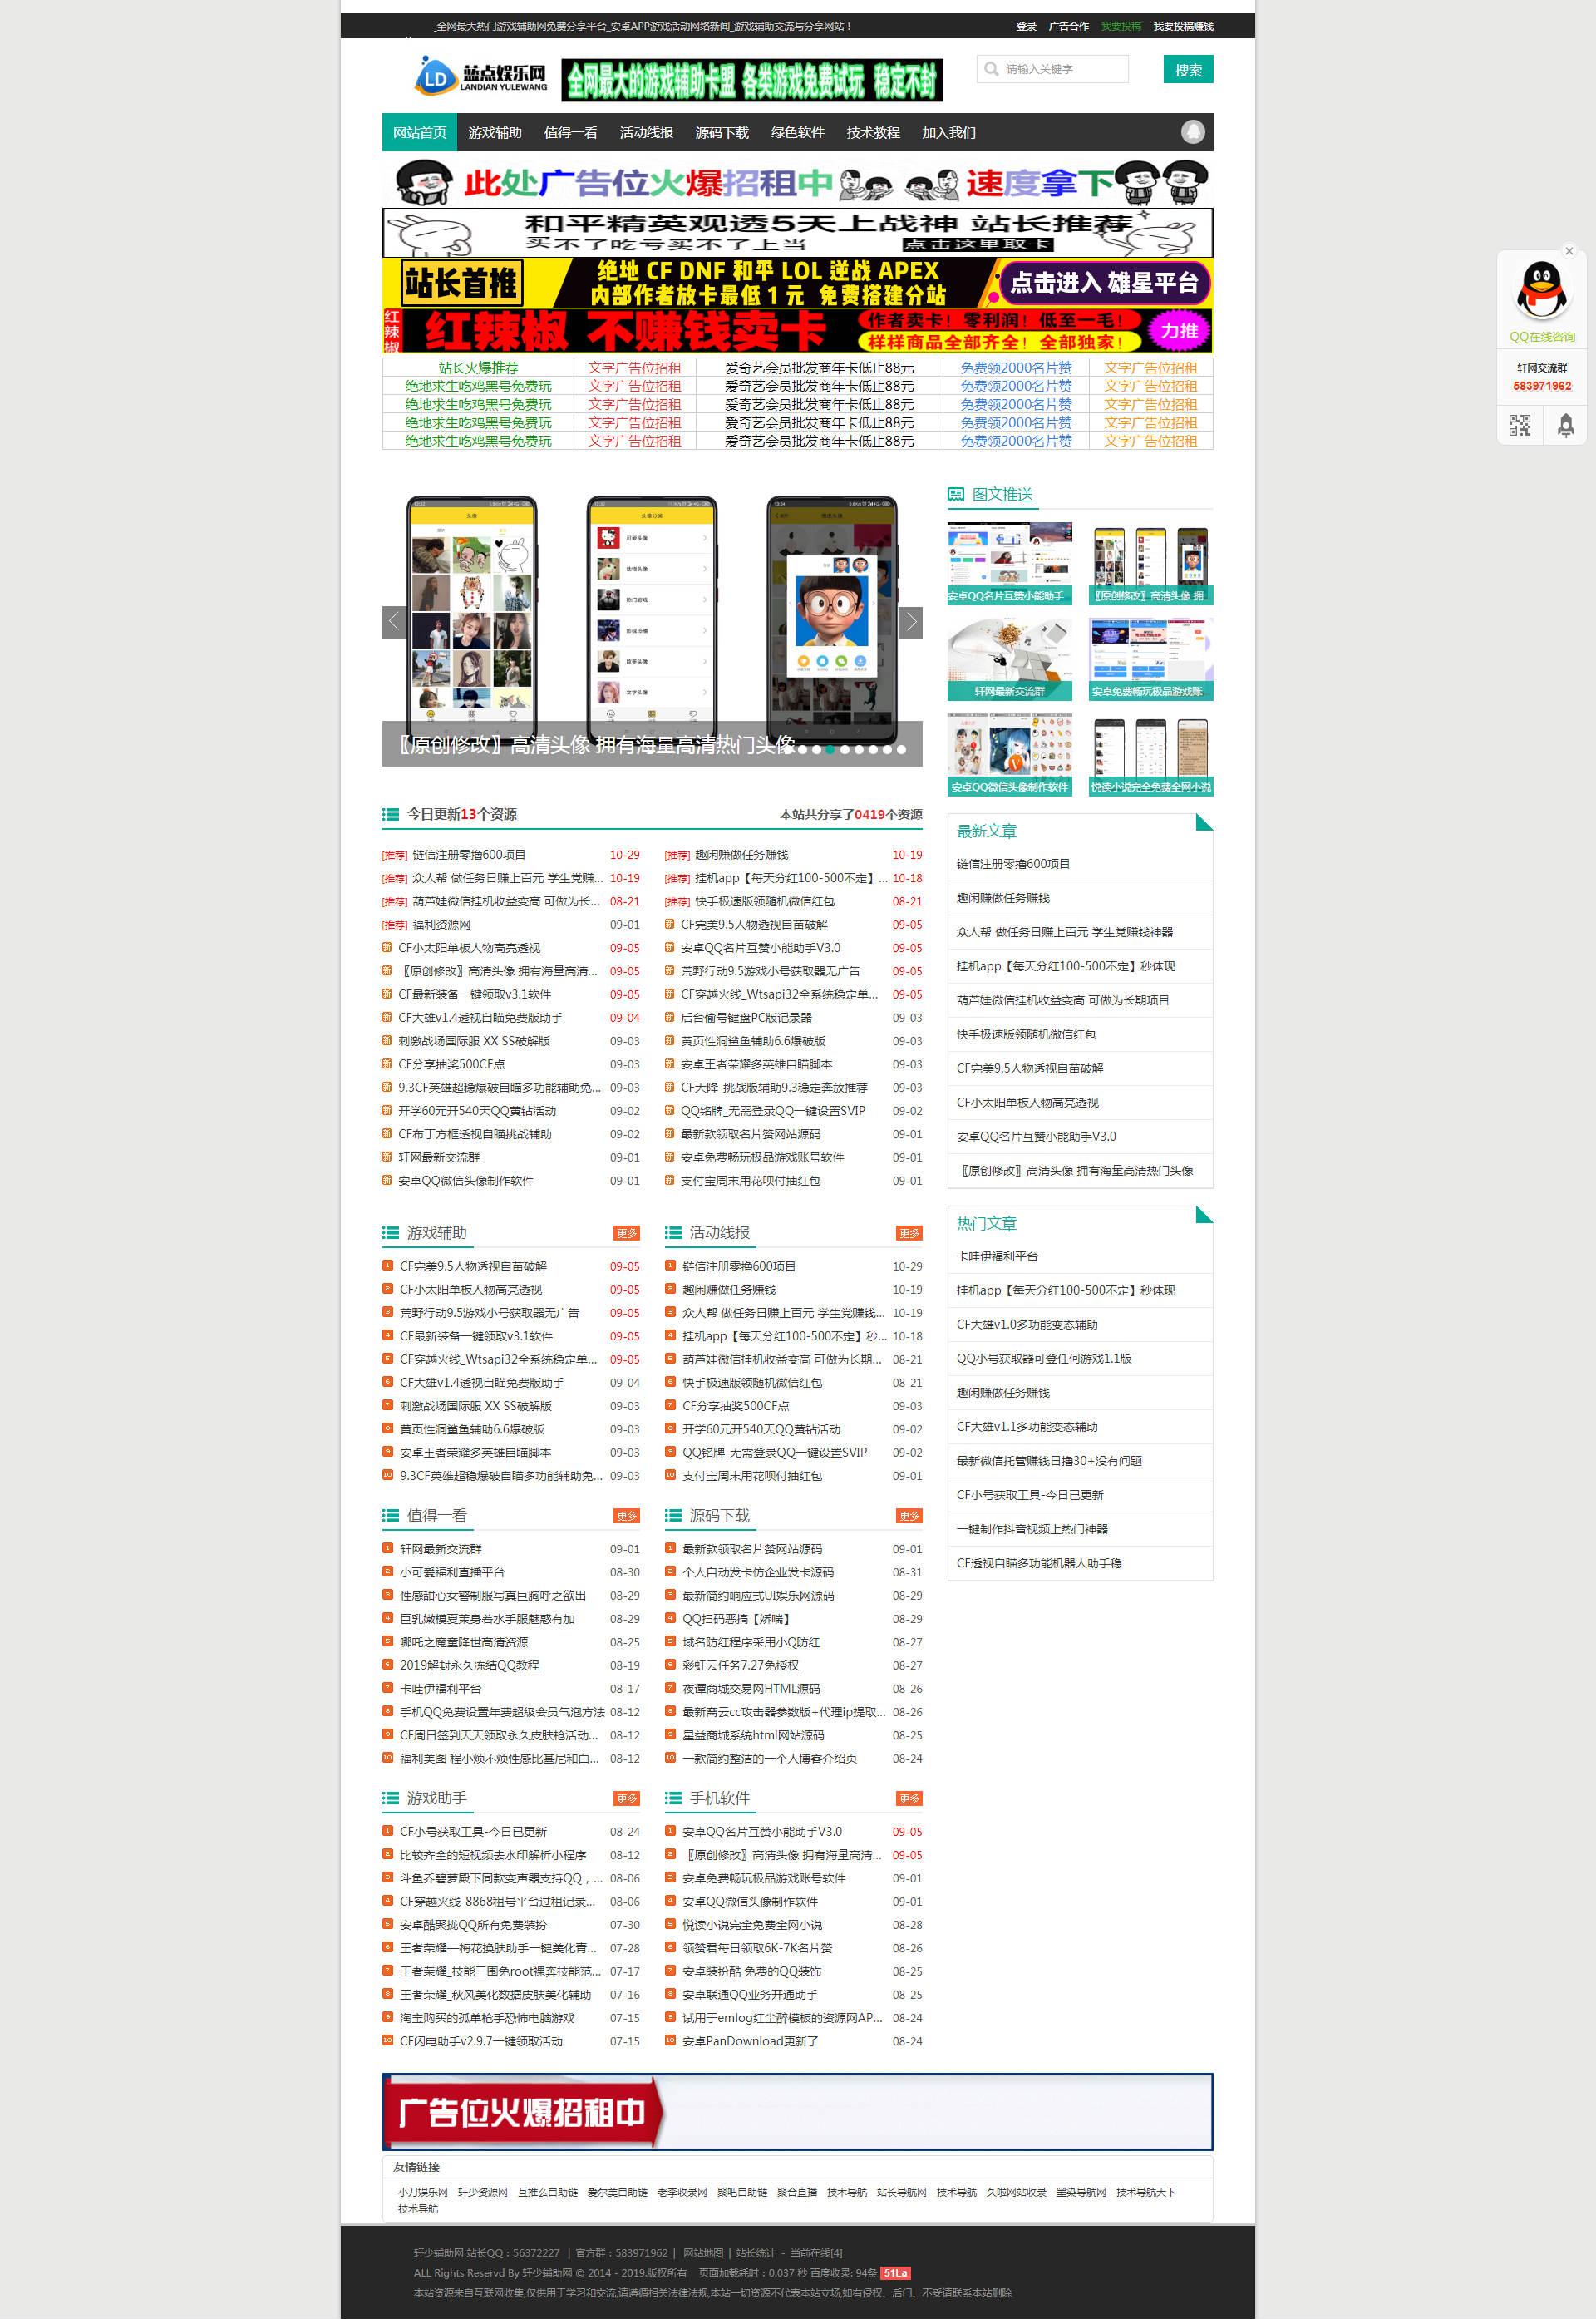 【网站源码】蓝点资源网模板打包附数据